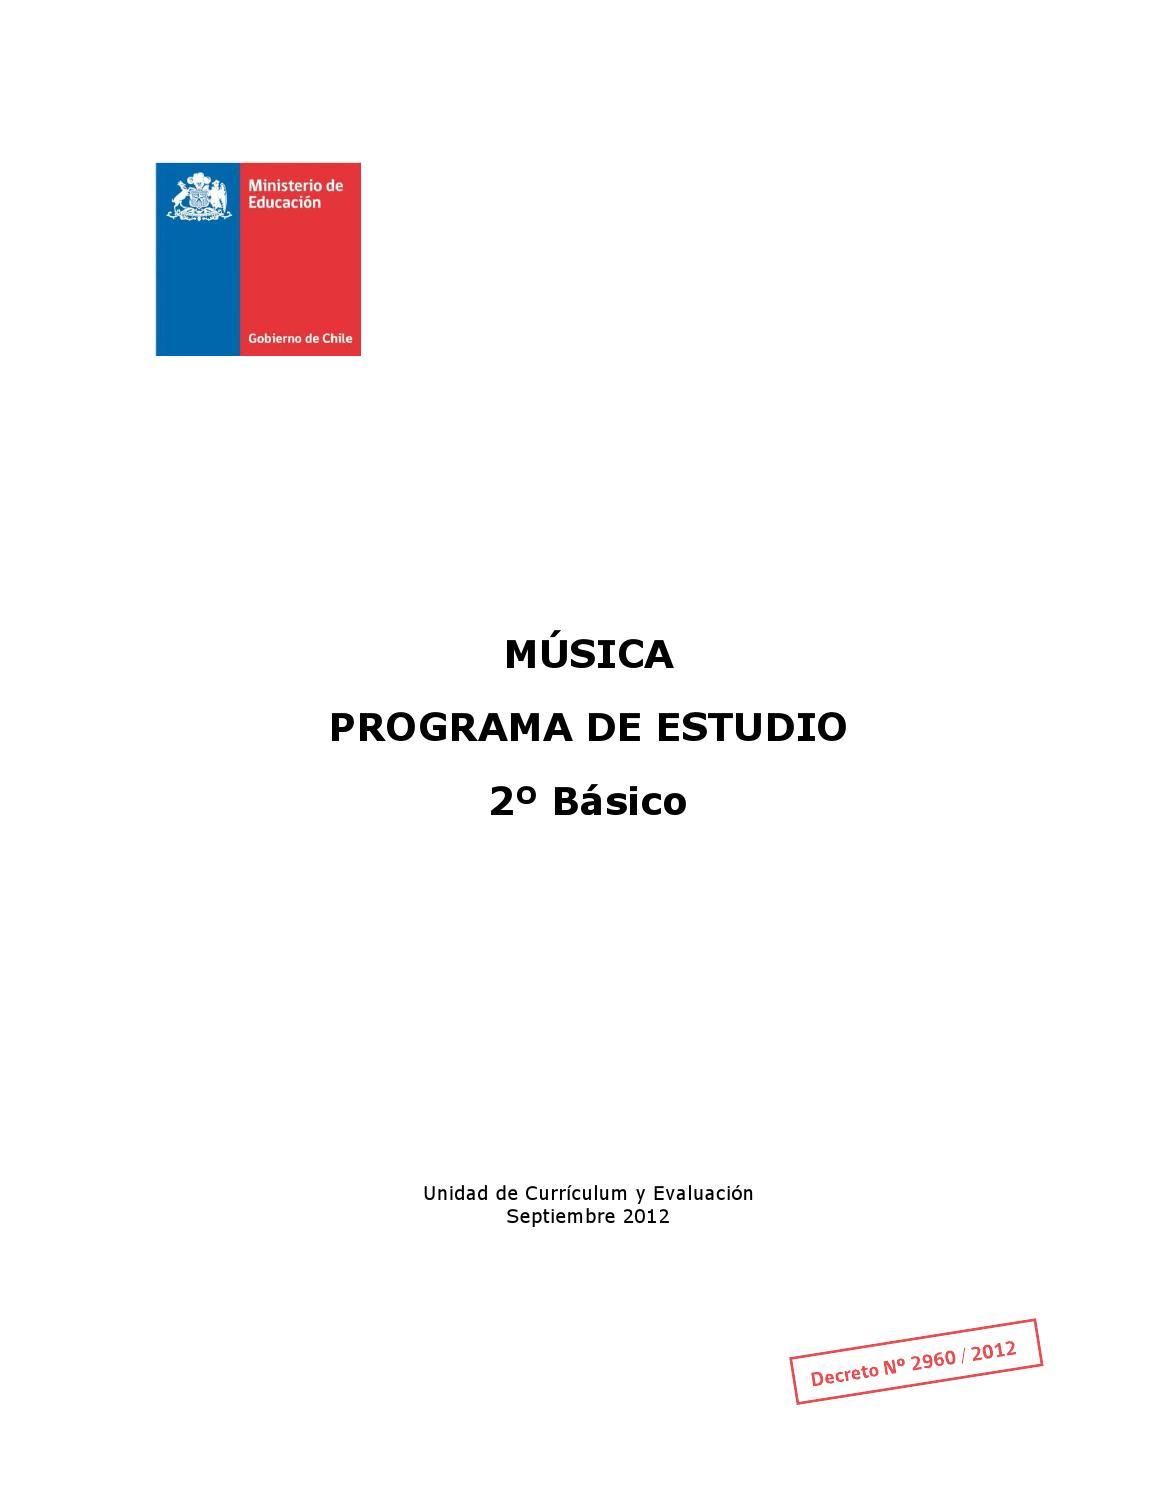 Programa Musica 2 Basico By Francisca Arauz Issuu